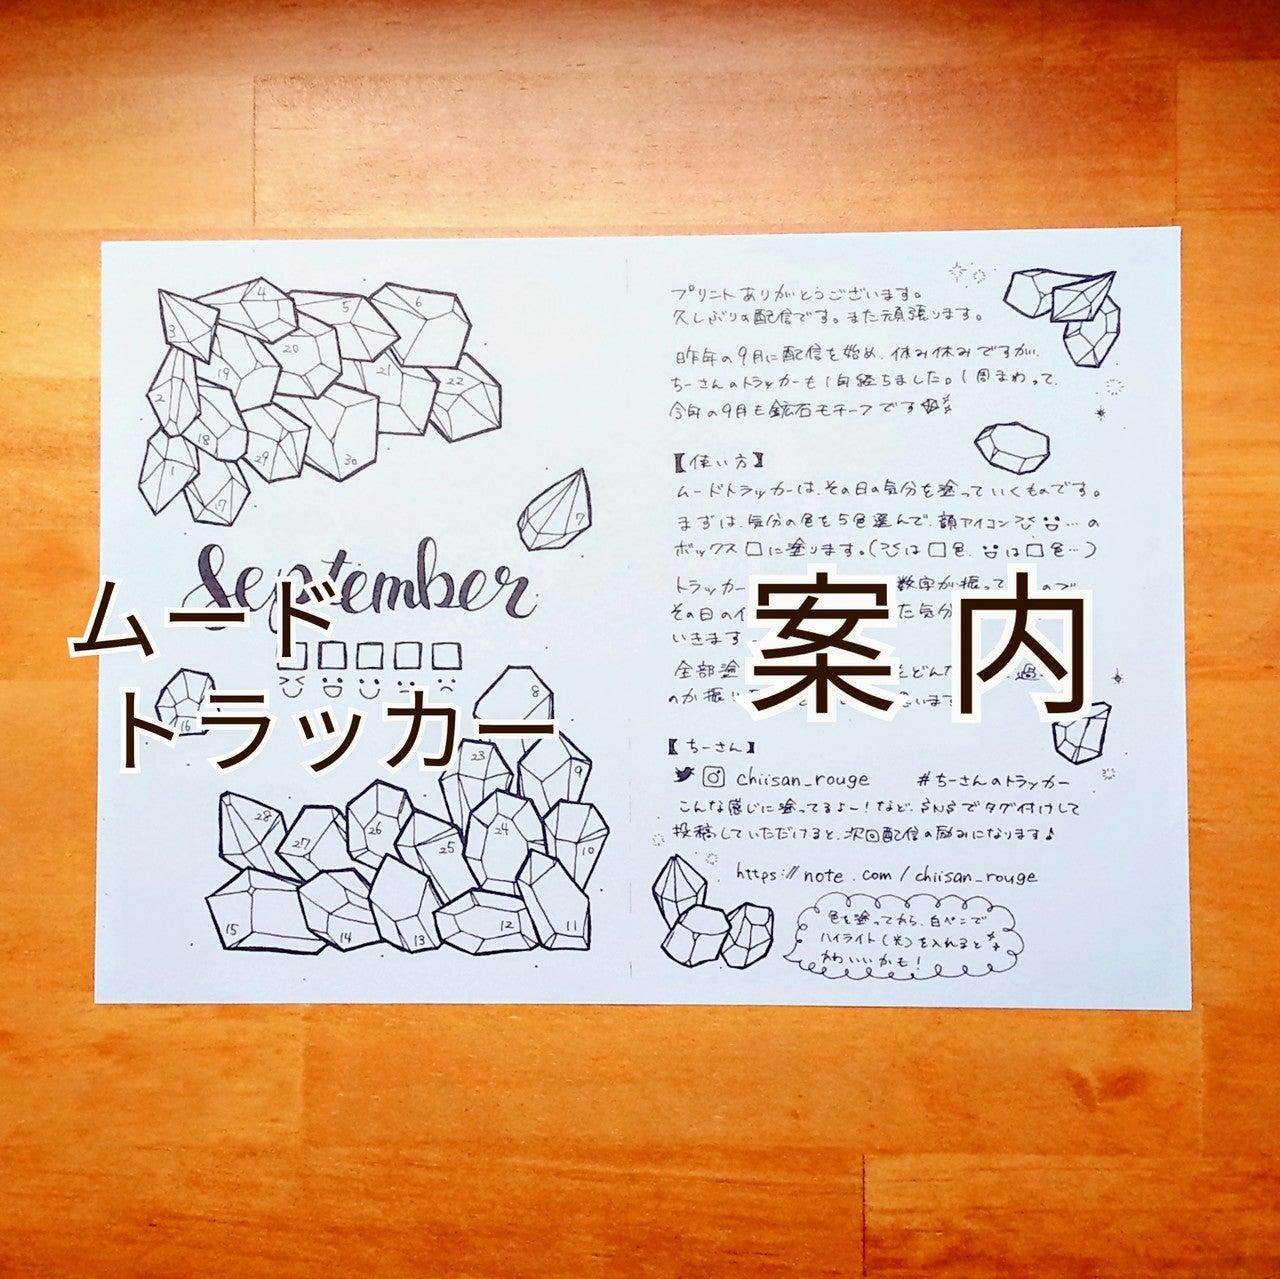 9月分 #ちーさんのトラッカー 配信案内(日付シート追加|ちーさん ...